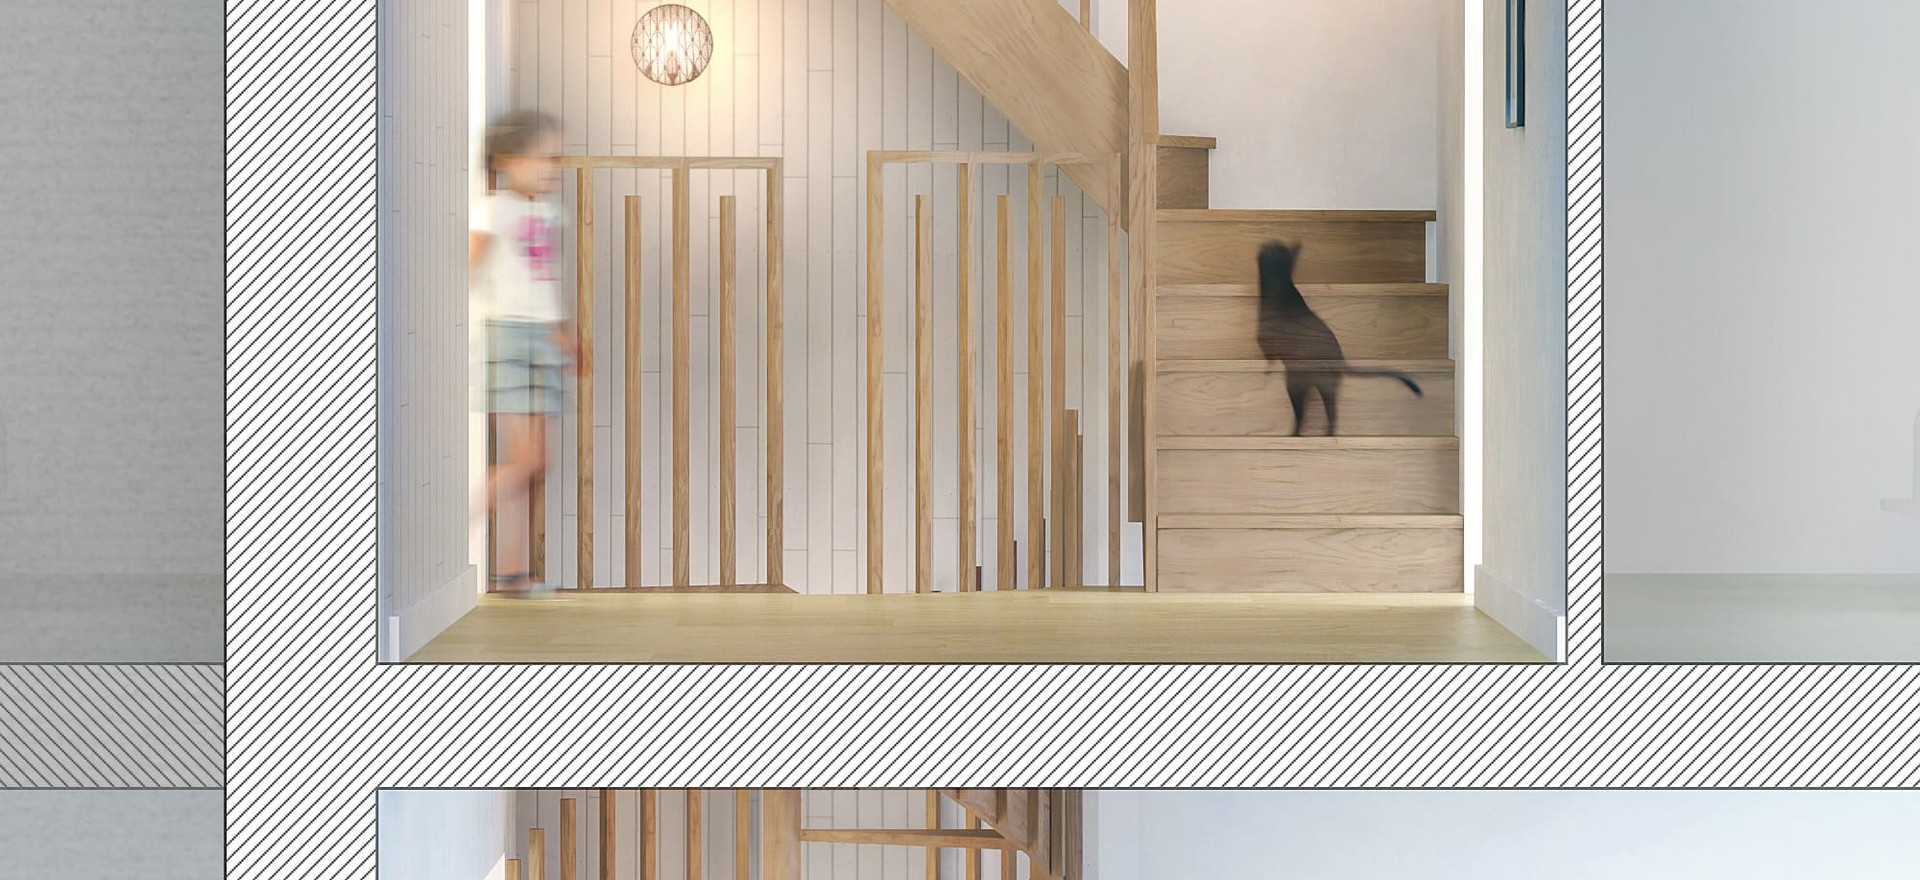 Aménagement intérieur Rouen escalier